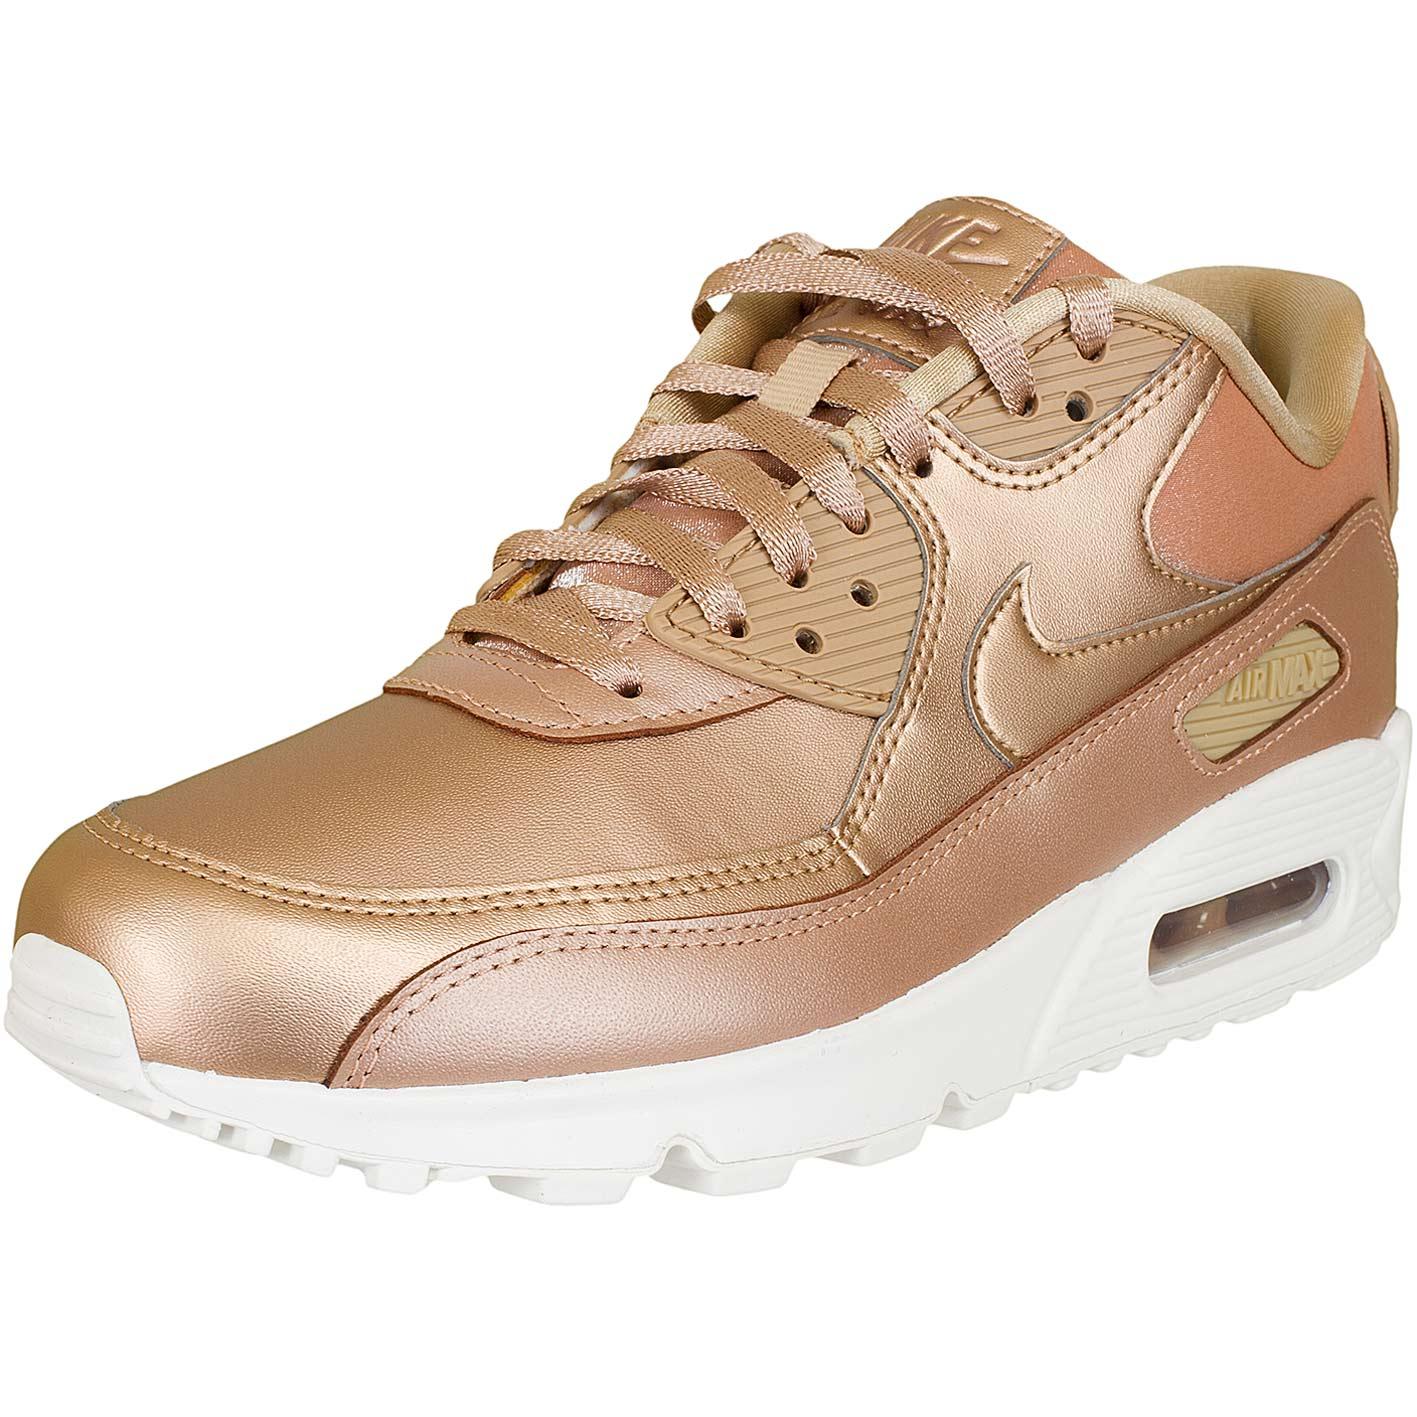 ☆ Nike Damen Sneaker Air Max 90 Premium mtlc bronze hier